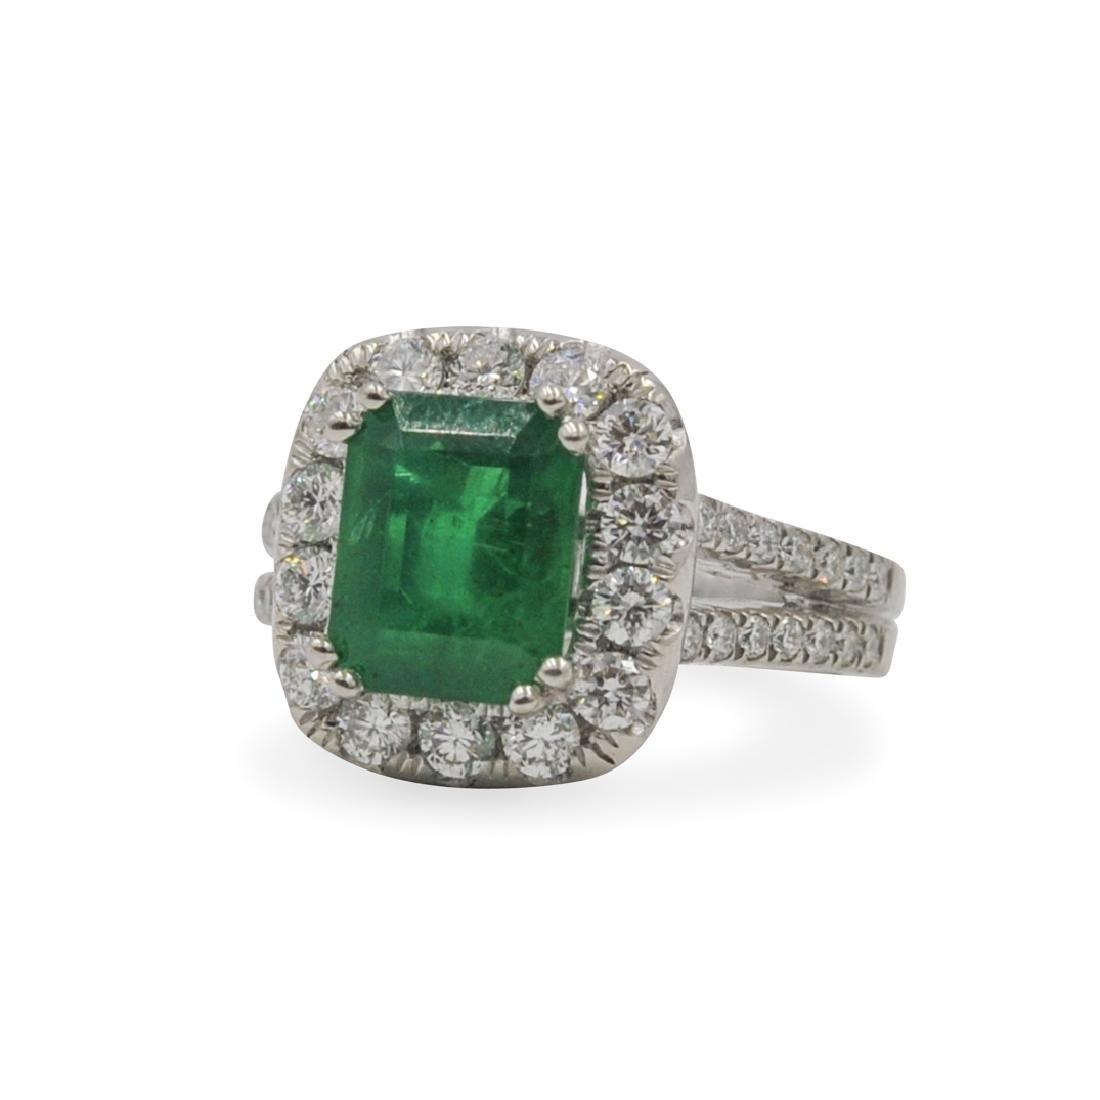 GIA Cert. Emerald and Platinum Ring